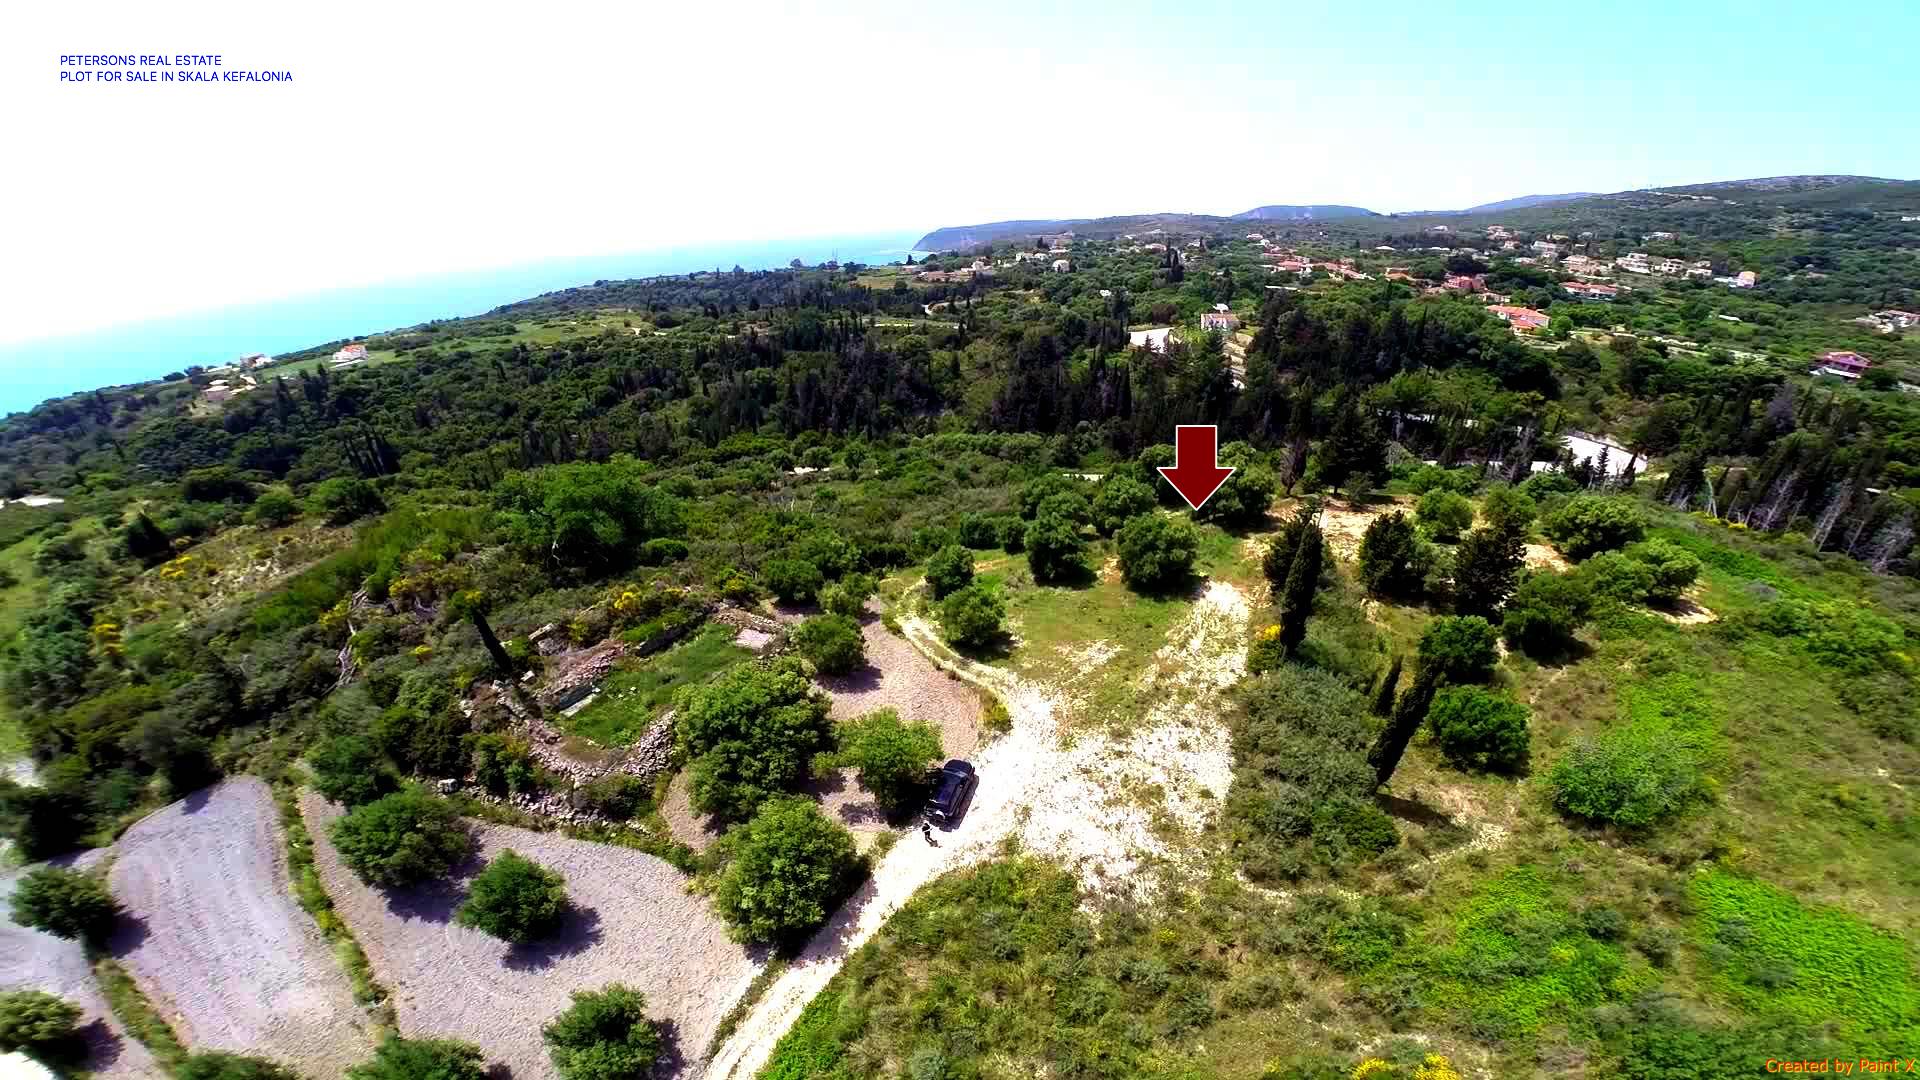 Properties For Sale On Kefalonia Greece